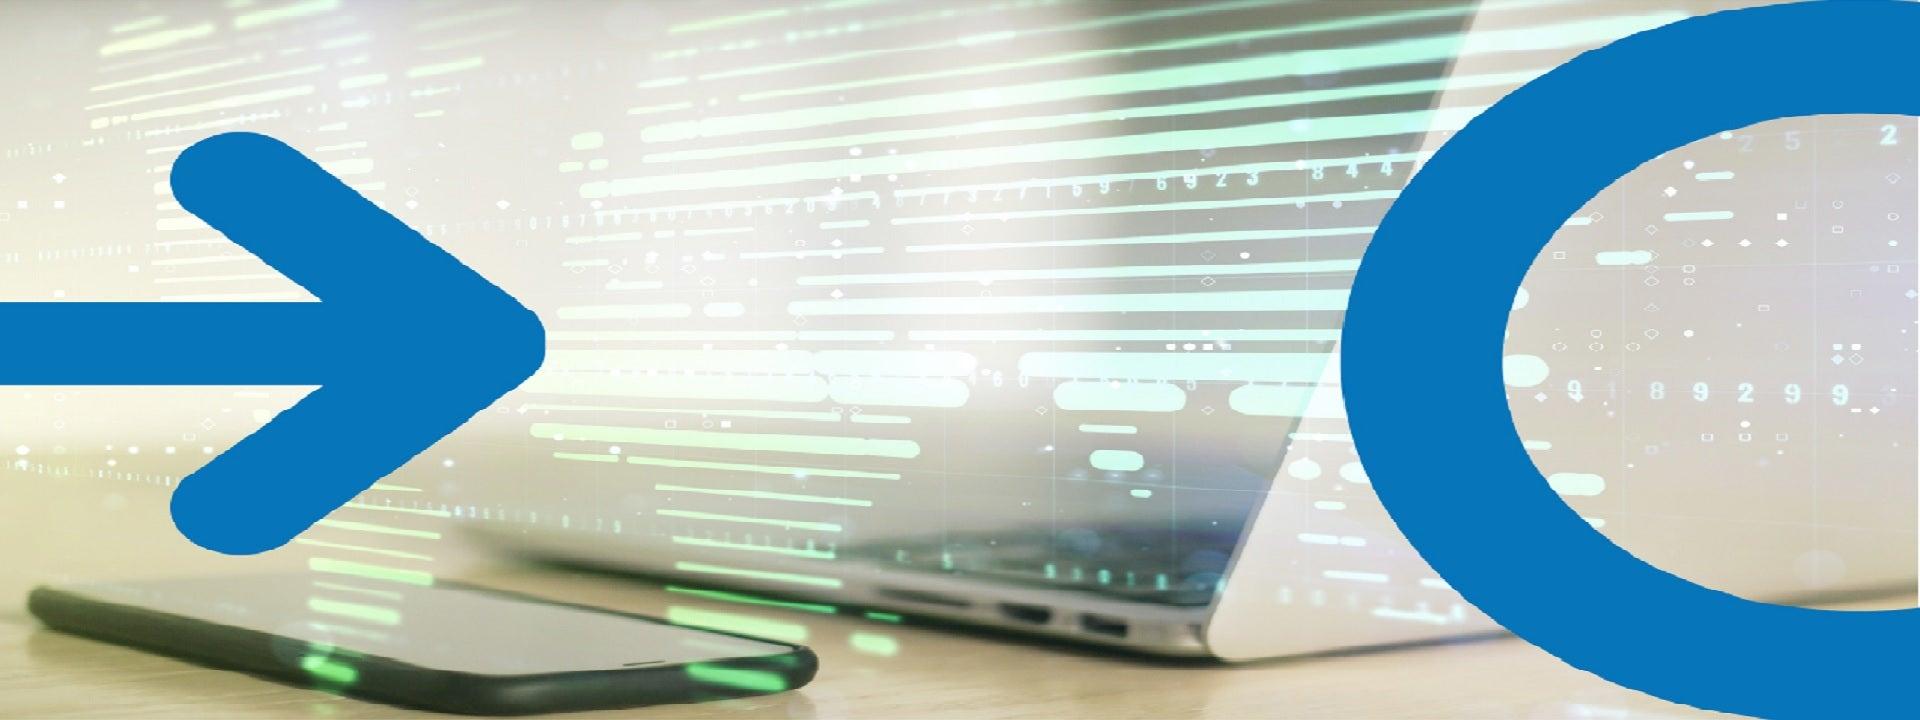 Eliminación de barreras al comercio digital: desafíos de logística